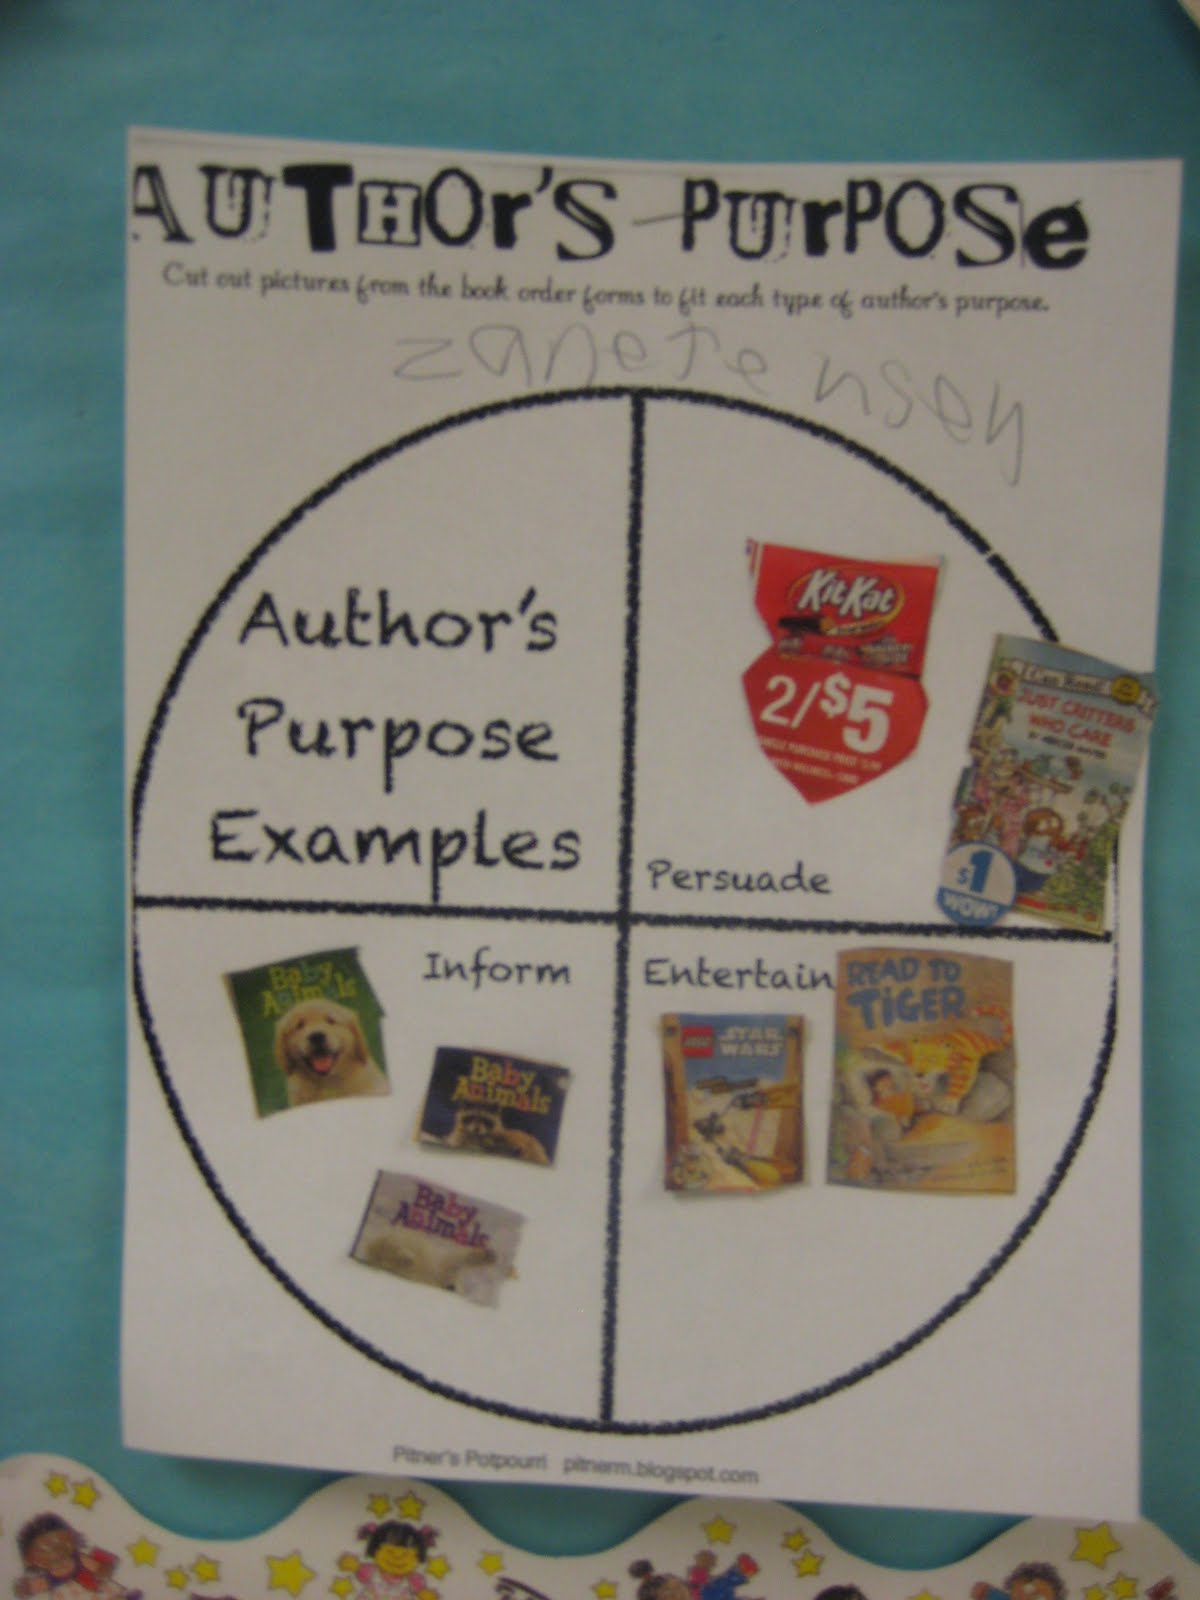 Sanskrit Of The Vedas Vs Modern Sanskrit: Mrs. Tullis' 2nd Grade Class: Author's Purpose Is As Easy